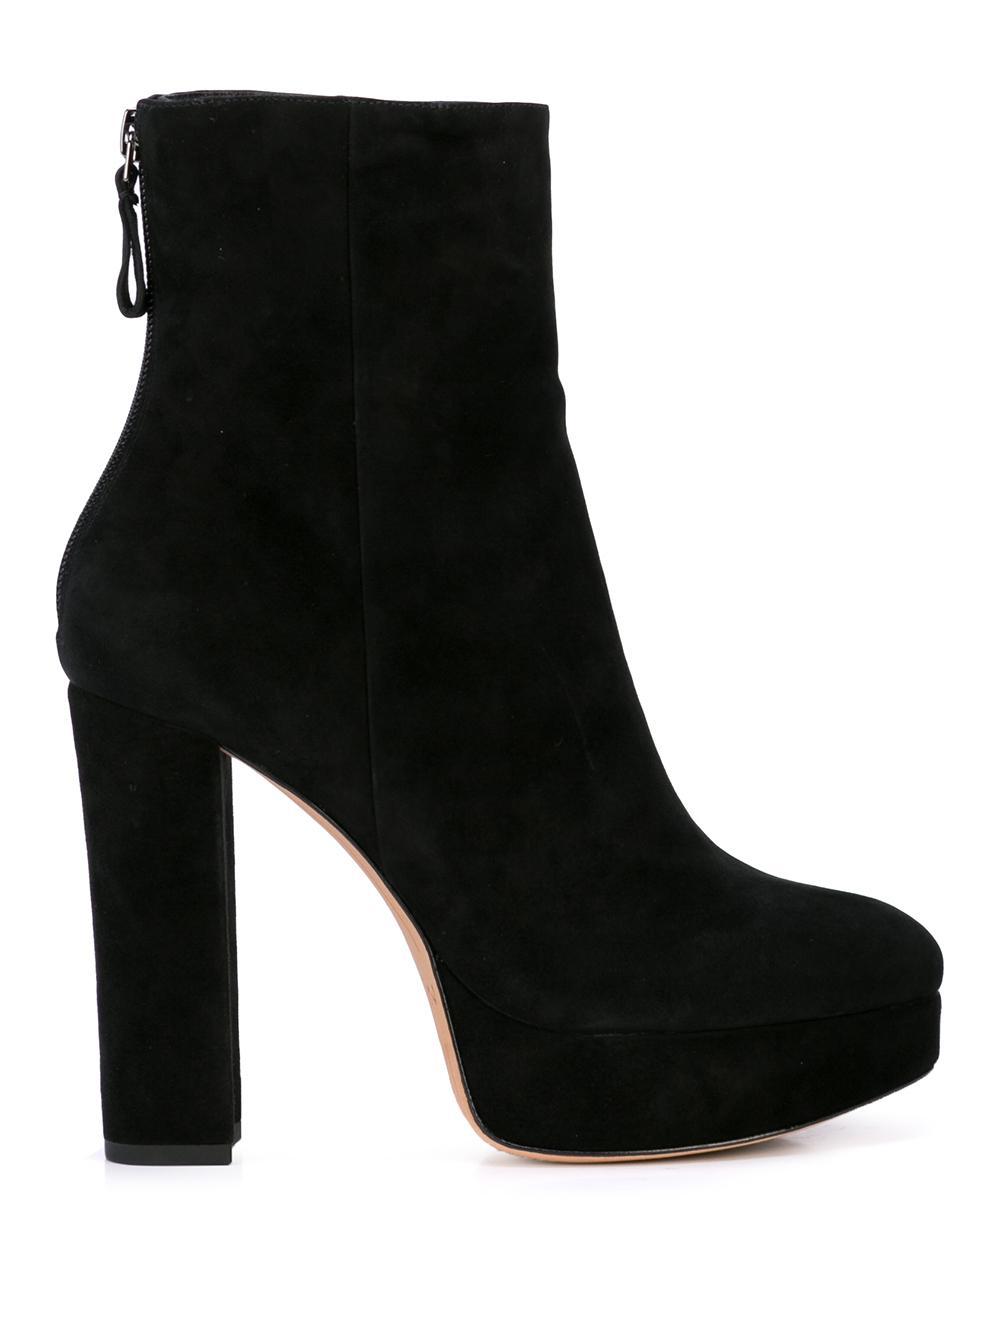 Rachel 130mm Platform Bootie With Black Heel Item # B3527200010001